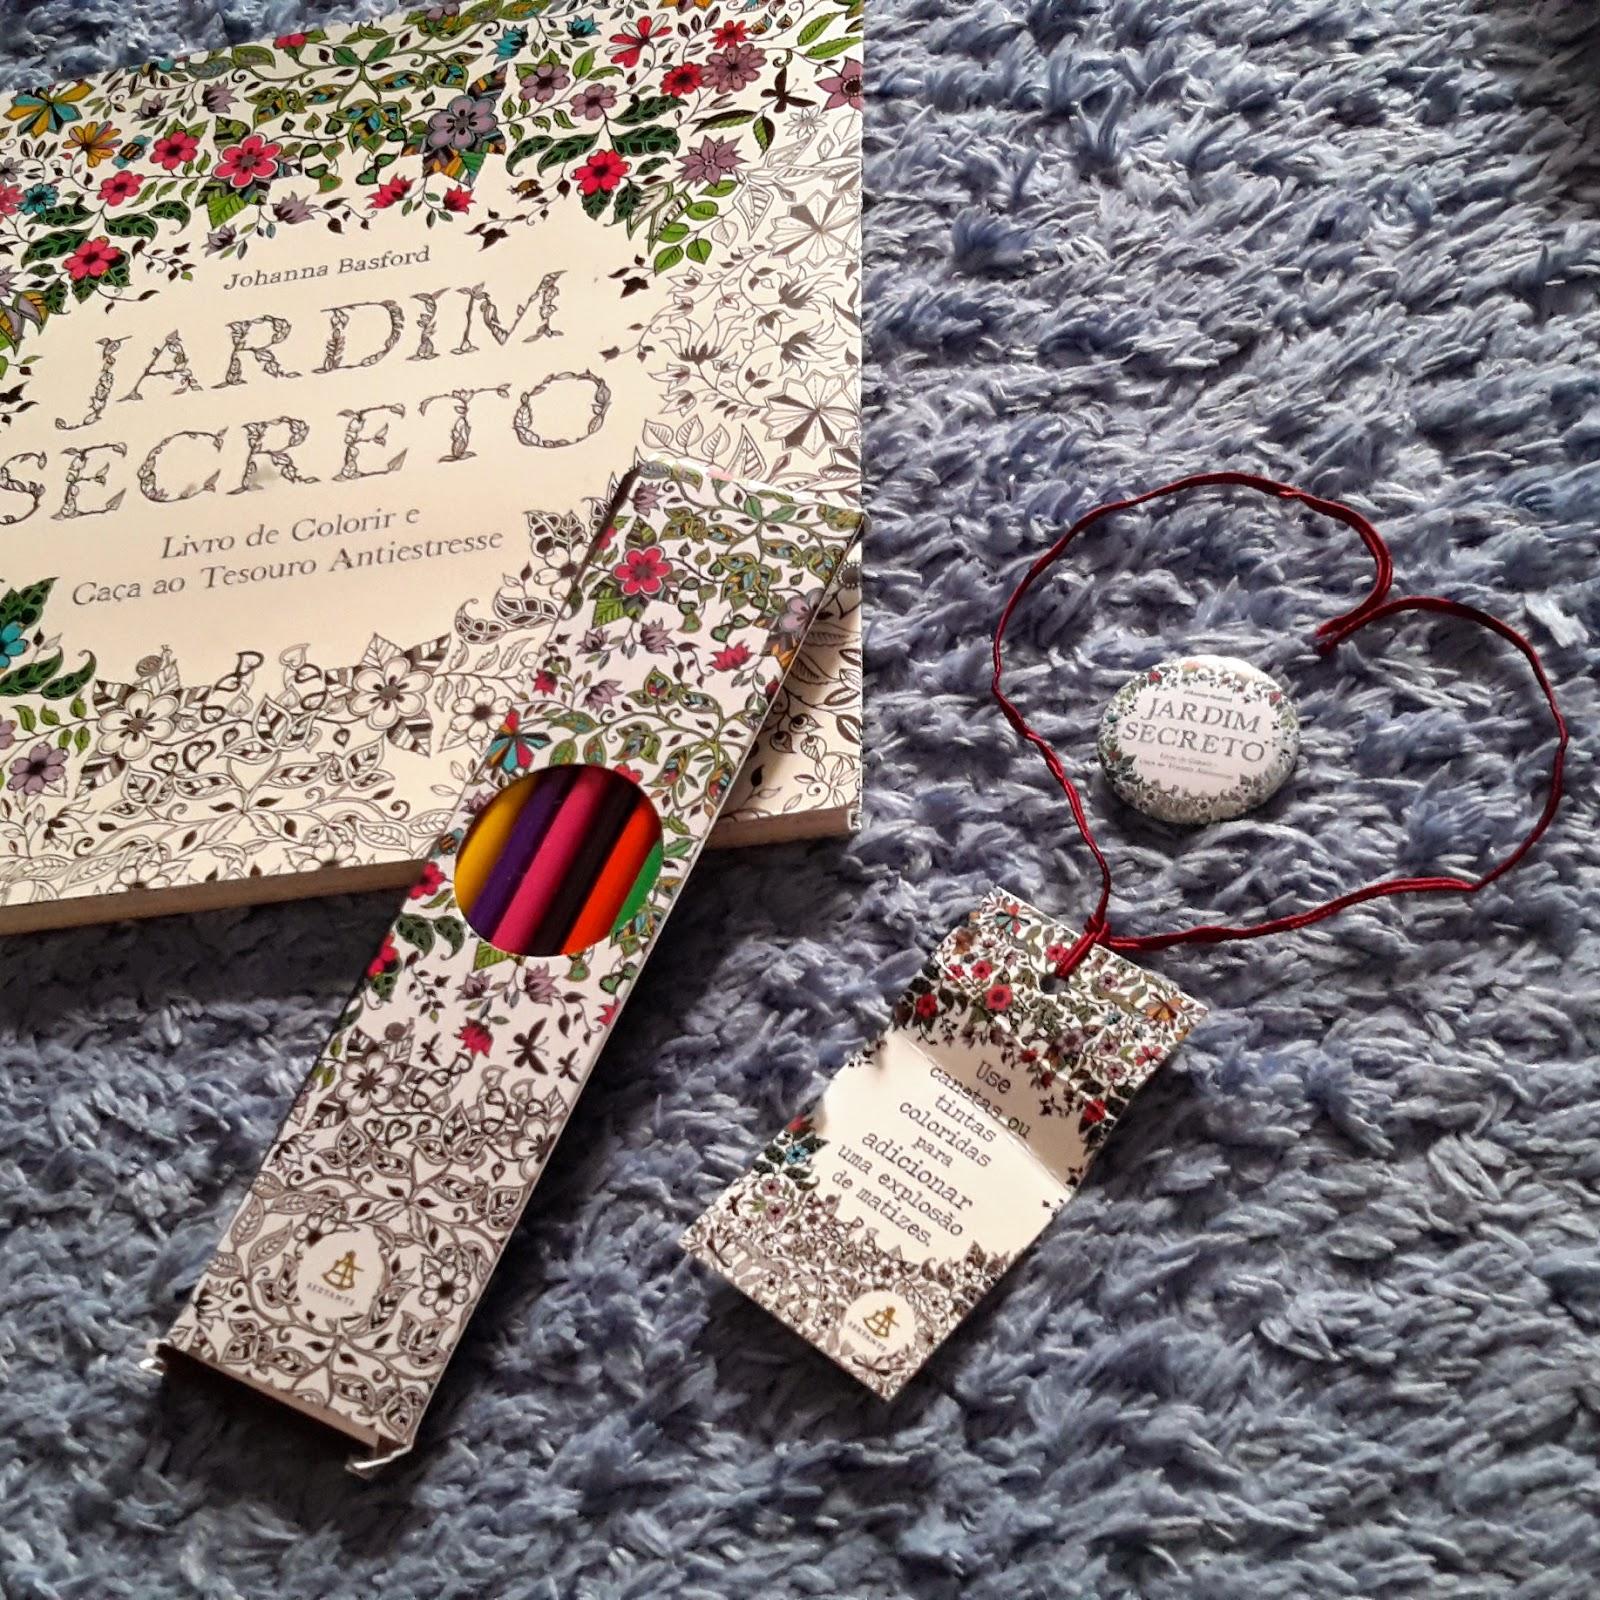 fotos jardim secreto:Paixão por Livros: Resenha: Jardim Secreto – Johanna Basford @